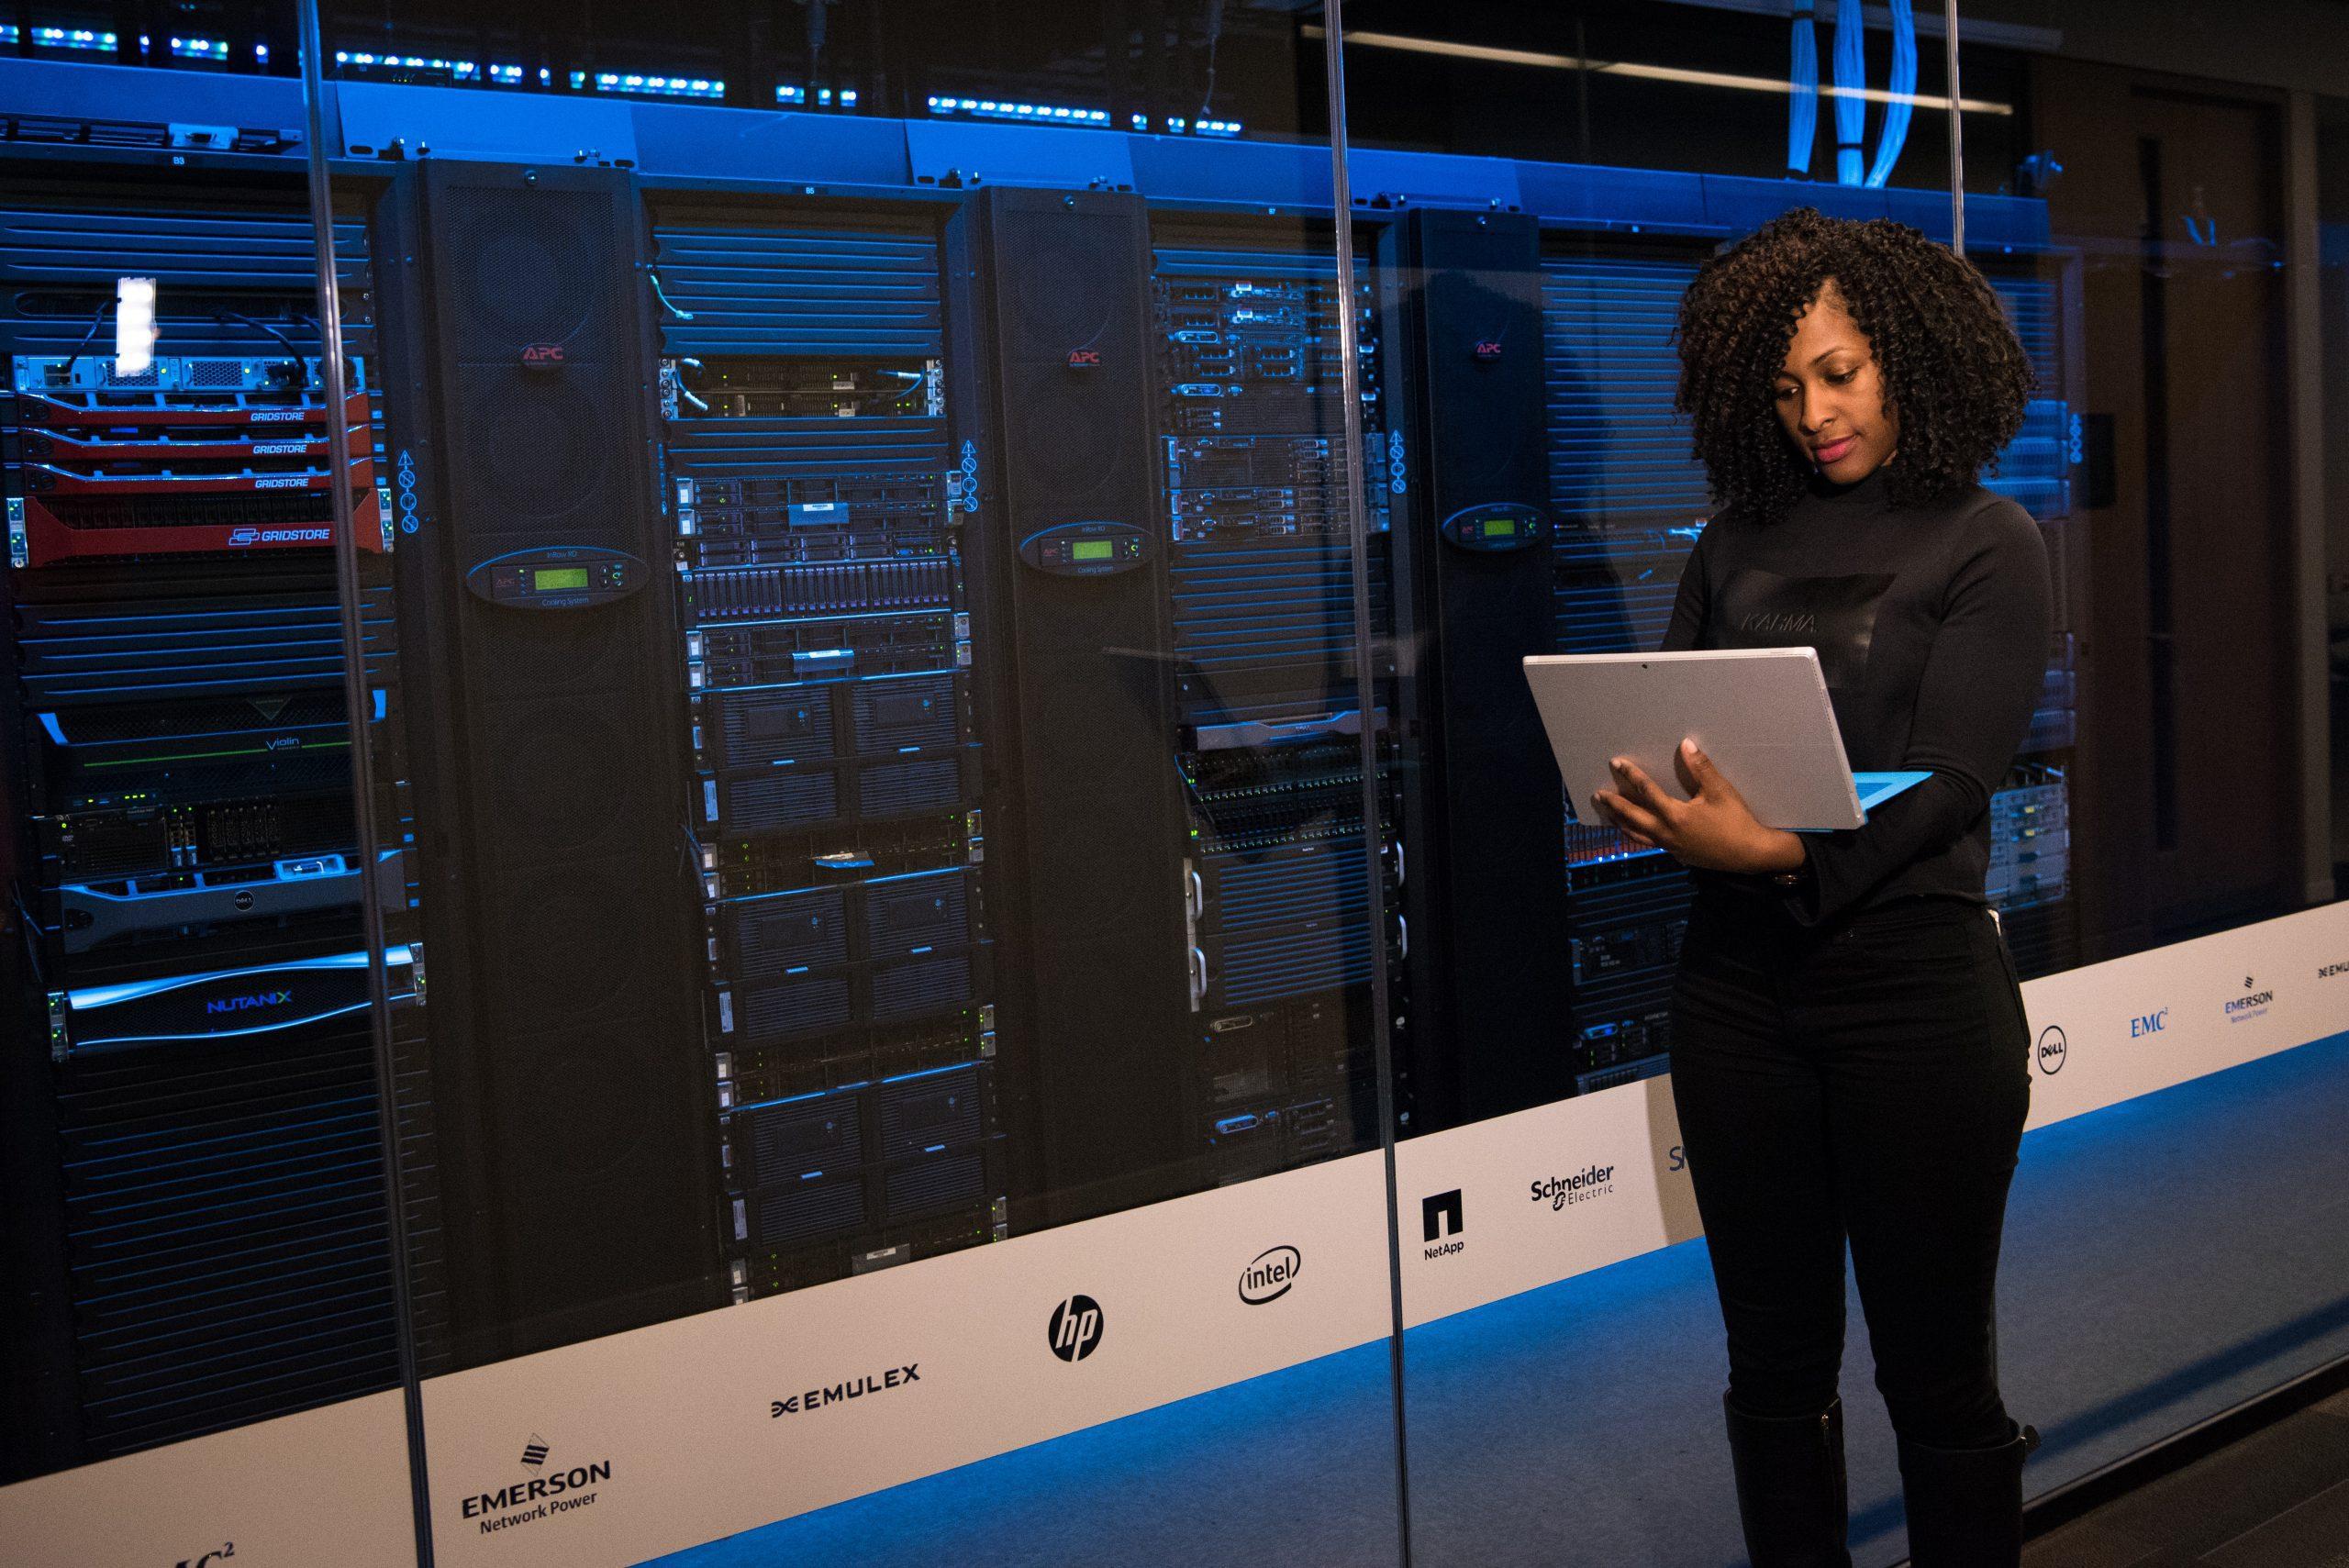 données, base de données, data, data center. Crédit photo: Pexels/Christina Morillo